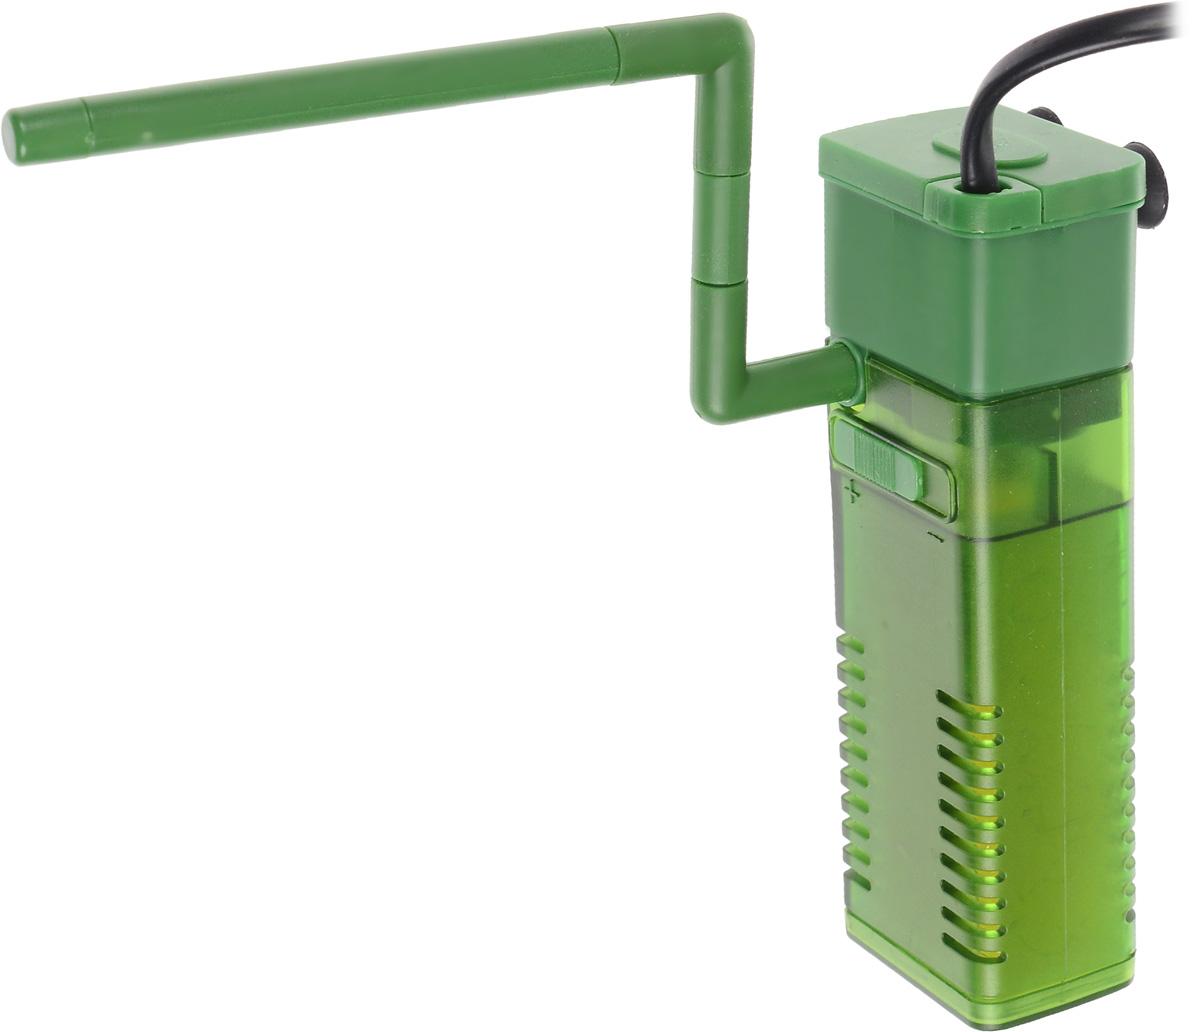 Фильтр для воды Barbus WP- 320F, аквариумный, с регулятором и флейтой, 500 л/ч фильтр для воды barbus wp 340f аквариумный с регулятором и флейтой 800 л ч